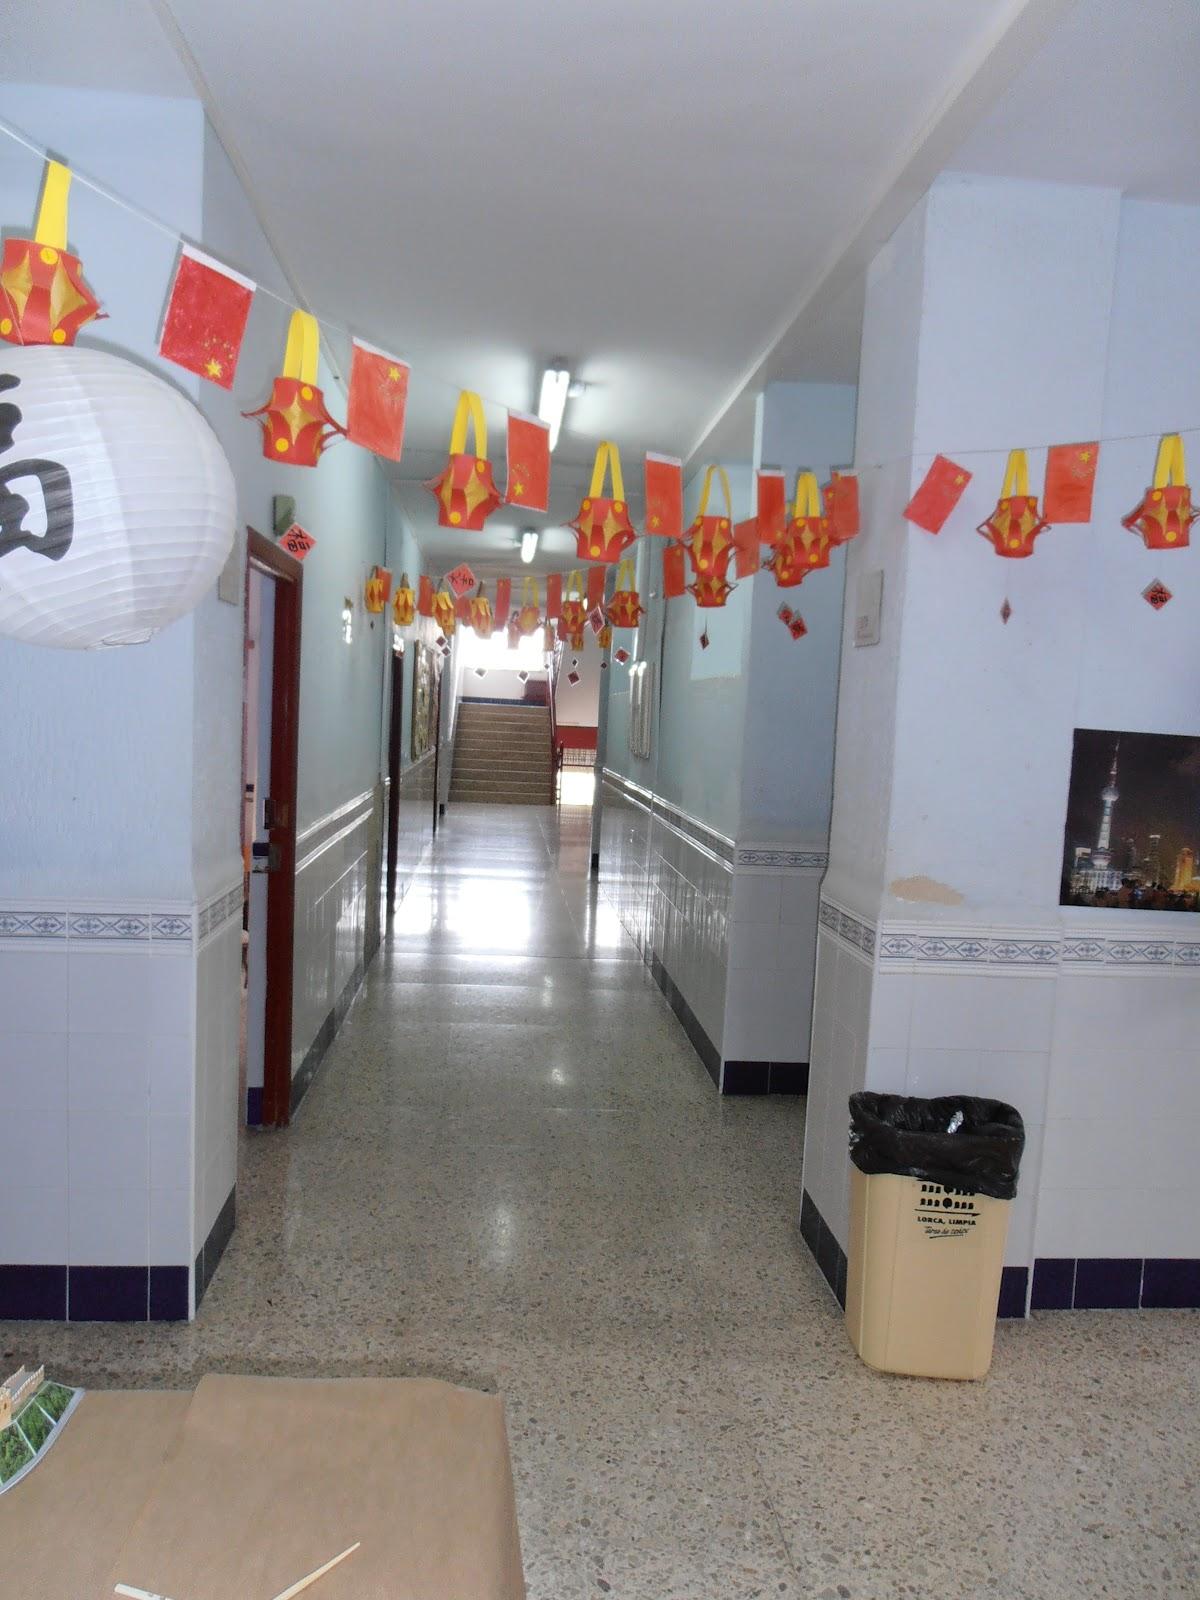 A m p a campillo trabajo sobre china proyecto combas for Adornos para murallas